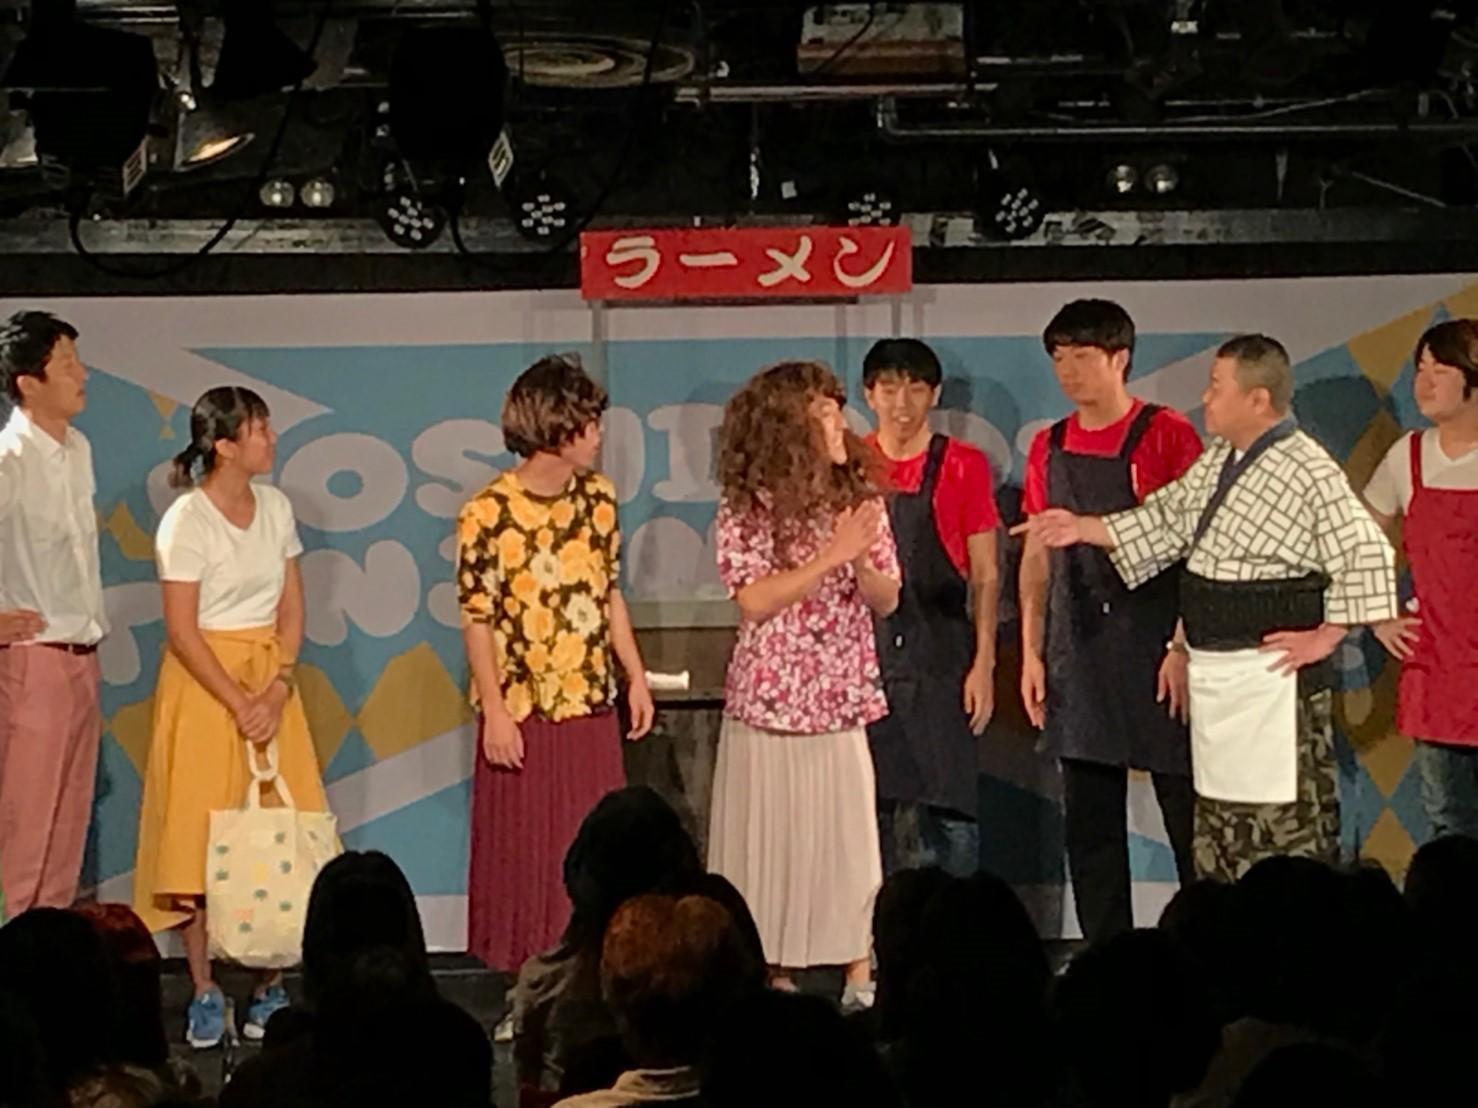 http://news.yoshimoto.co.jp/20181006175024-451347a5e96d0a3fef4e1ee7e50b9ed24007987b.jpg